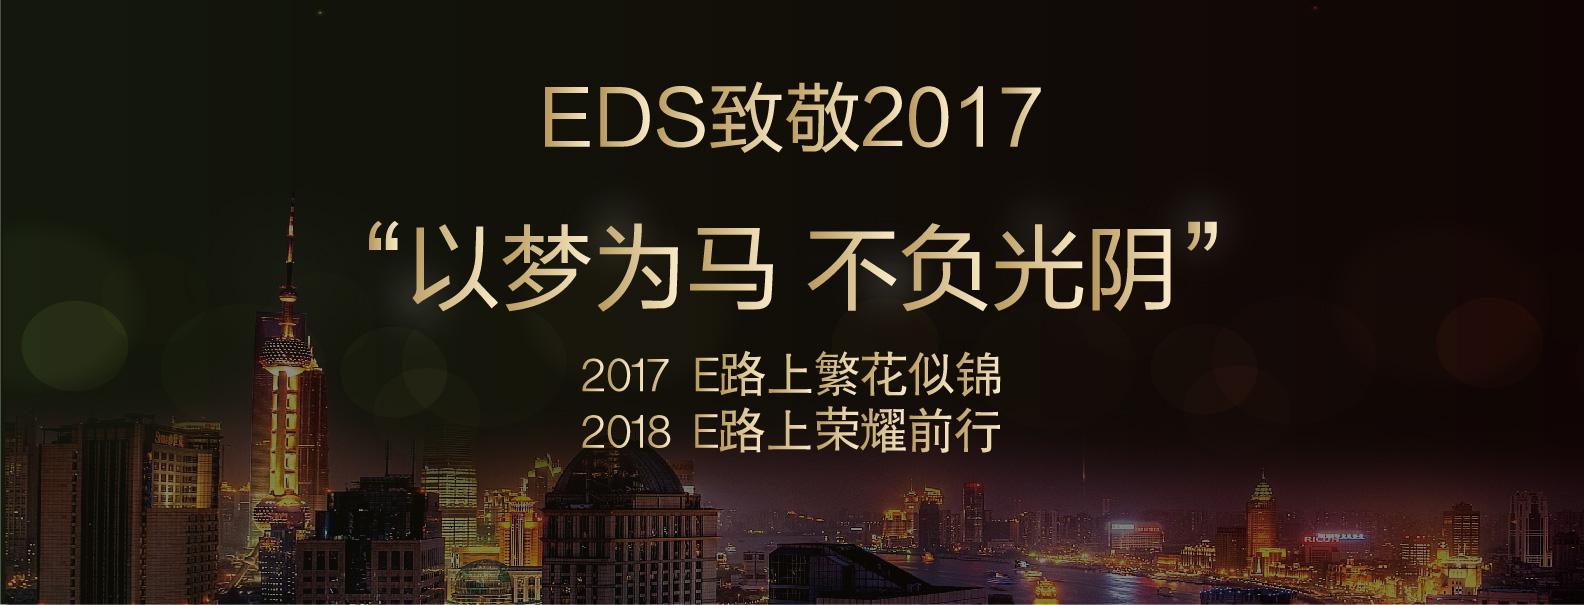 """EDS致敬2017""""以梦为马 不负光阴 """"!"""